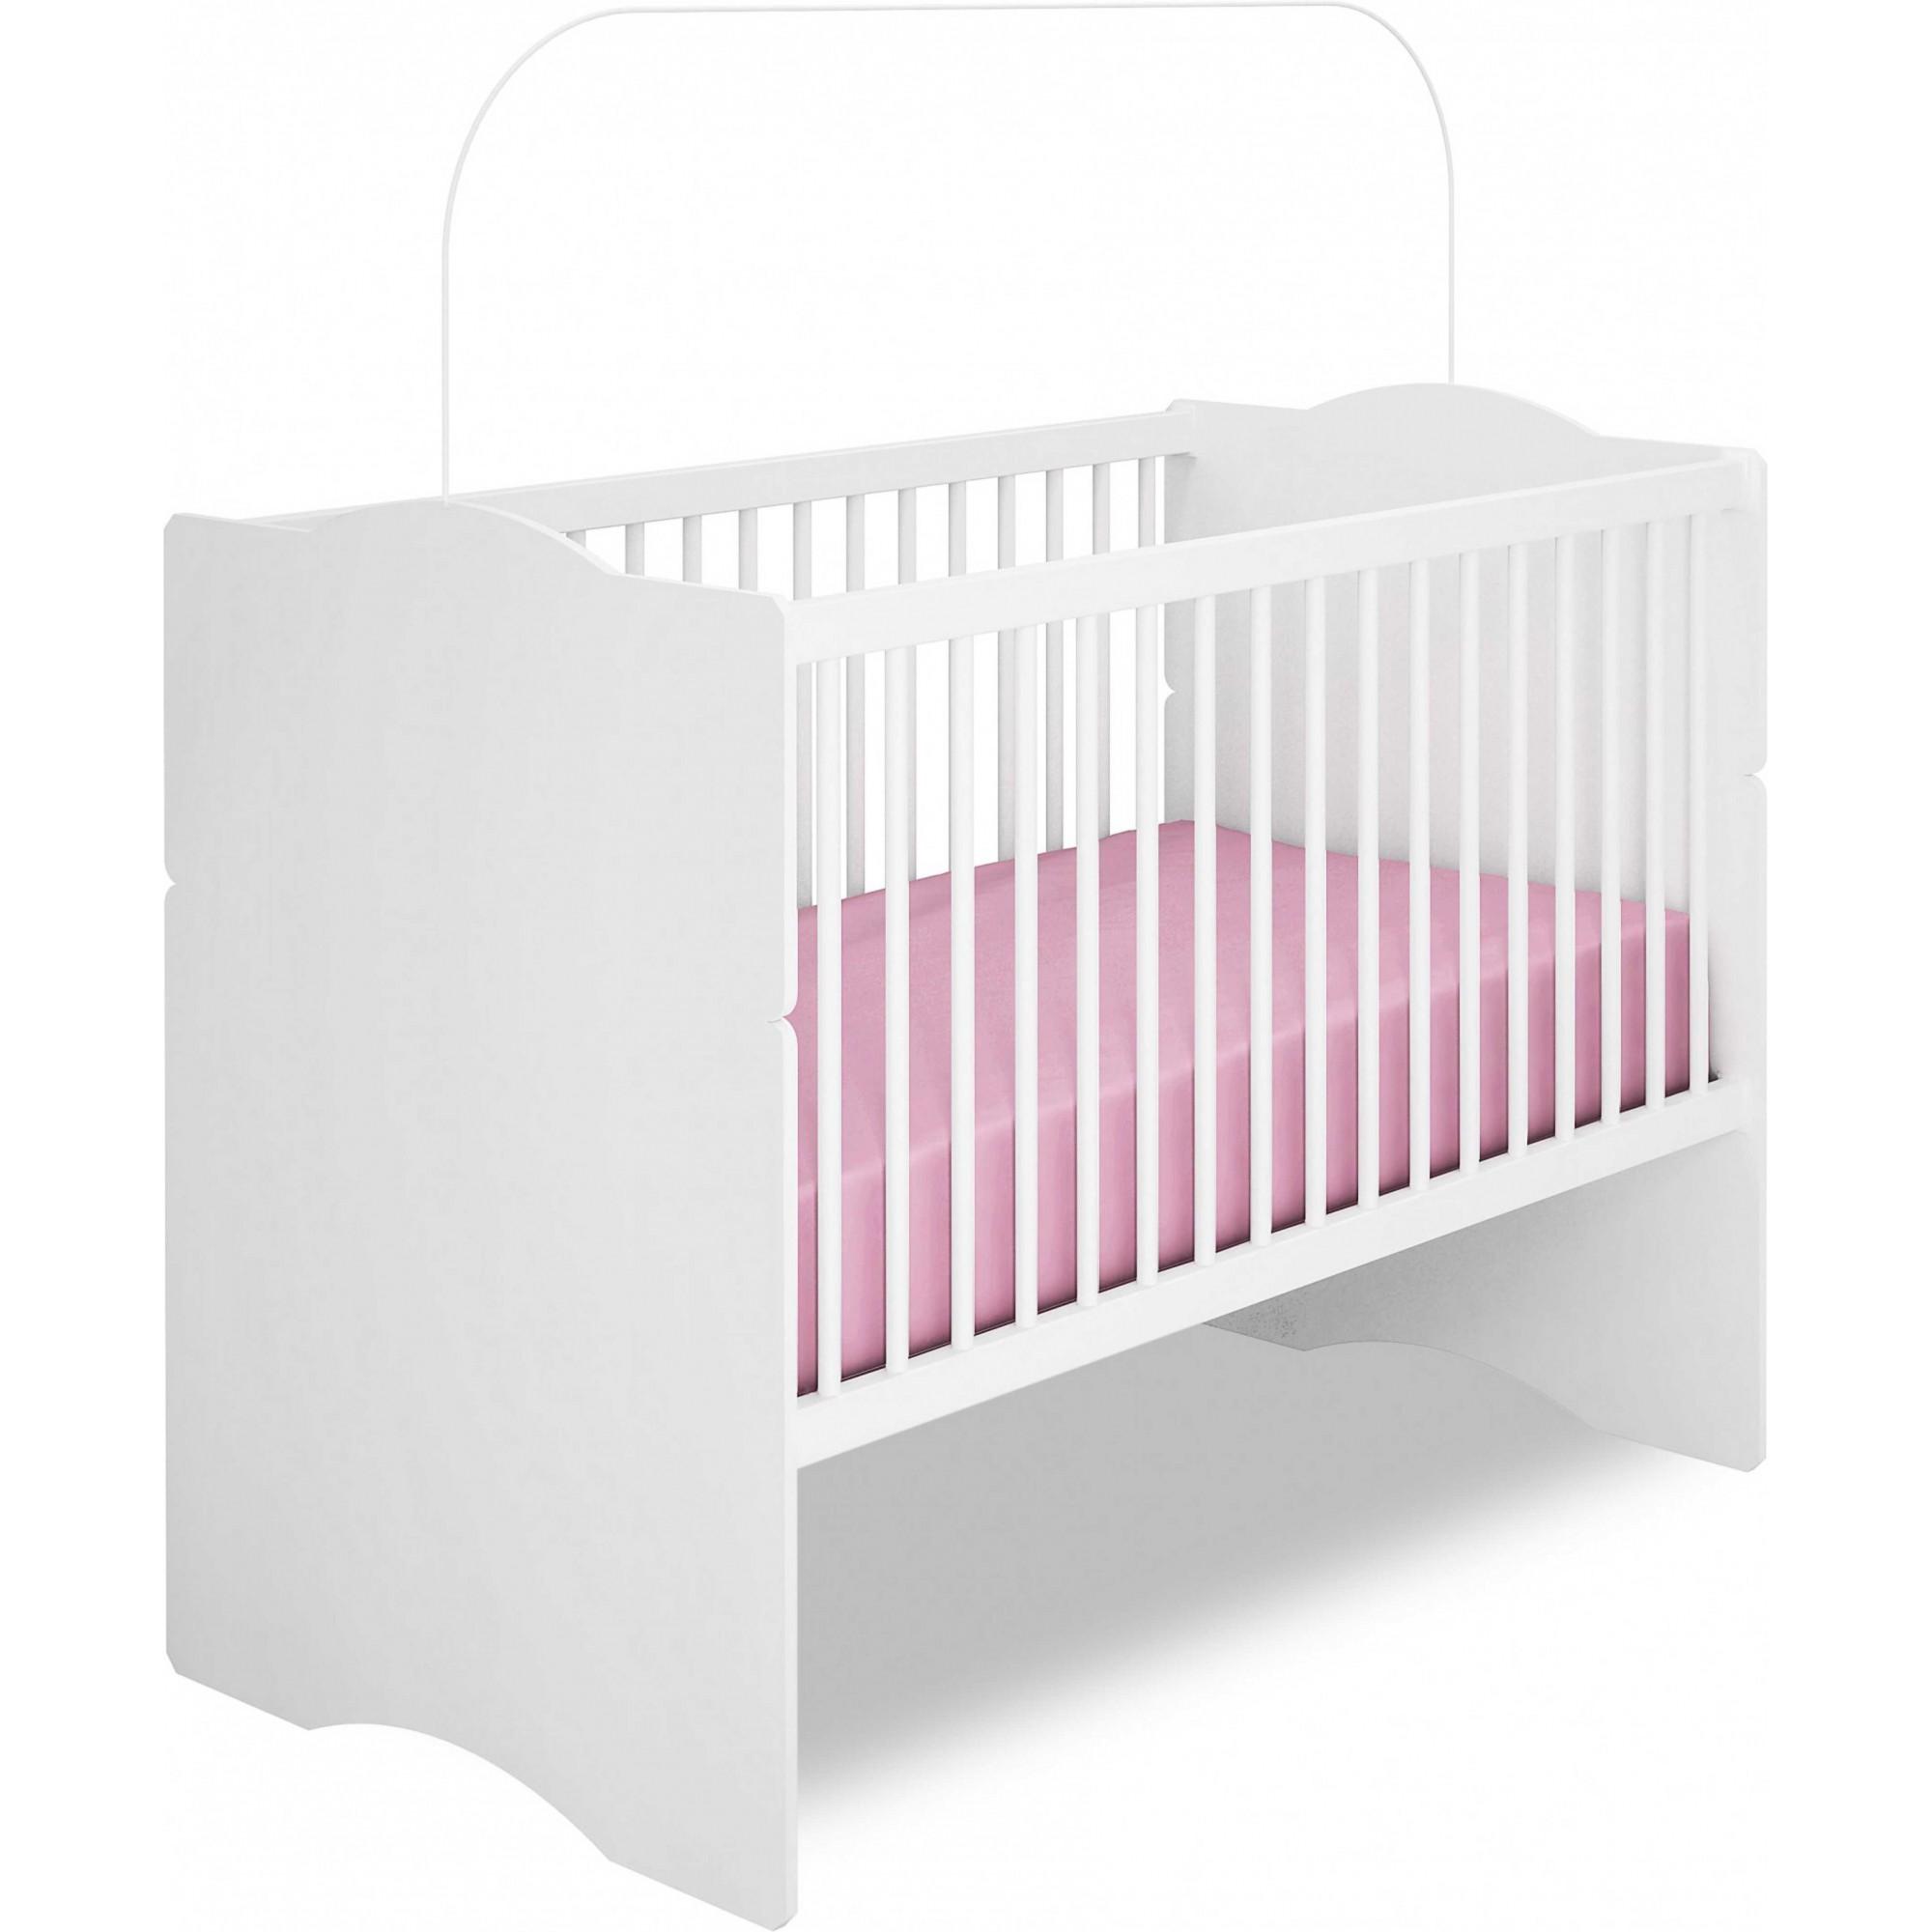 Berço Mini Cama Alegria - Canaã Móveis + 1 Papel de Parede Infantil GRÁTIS de Sua Escolha